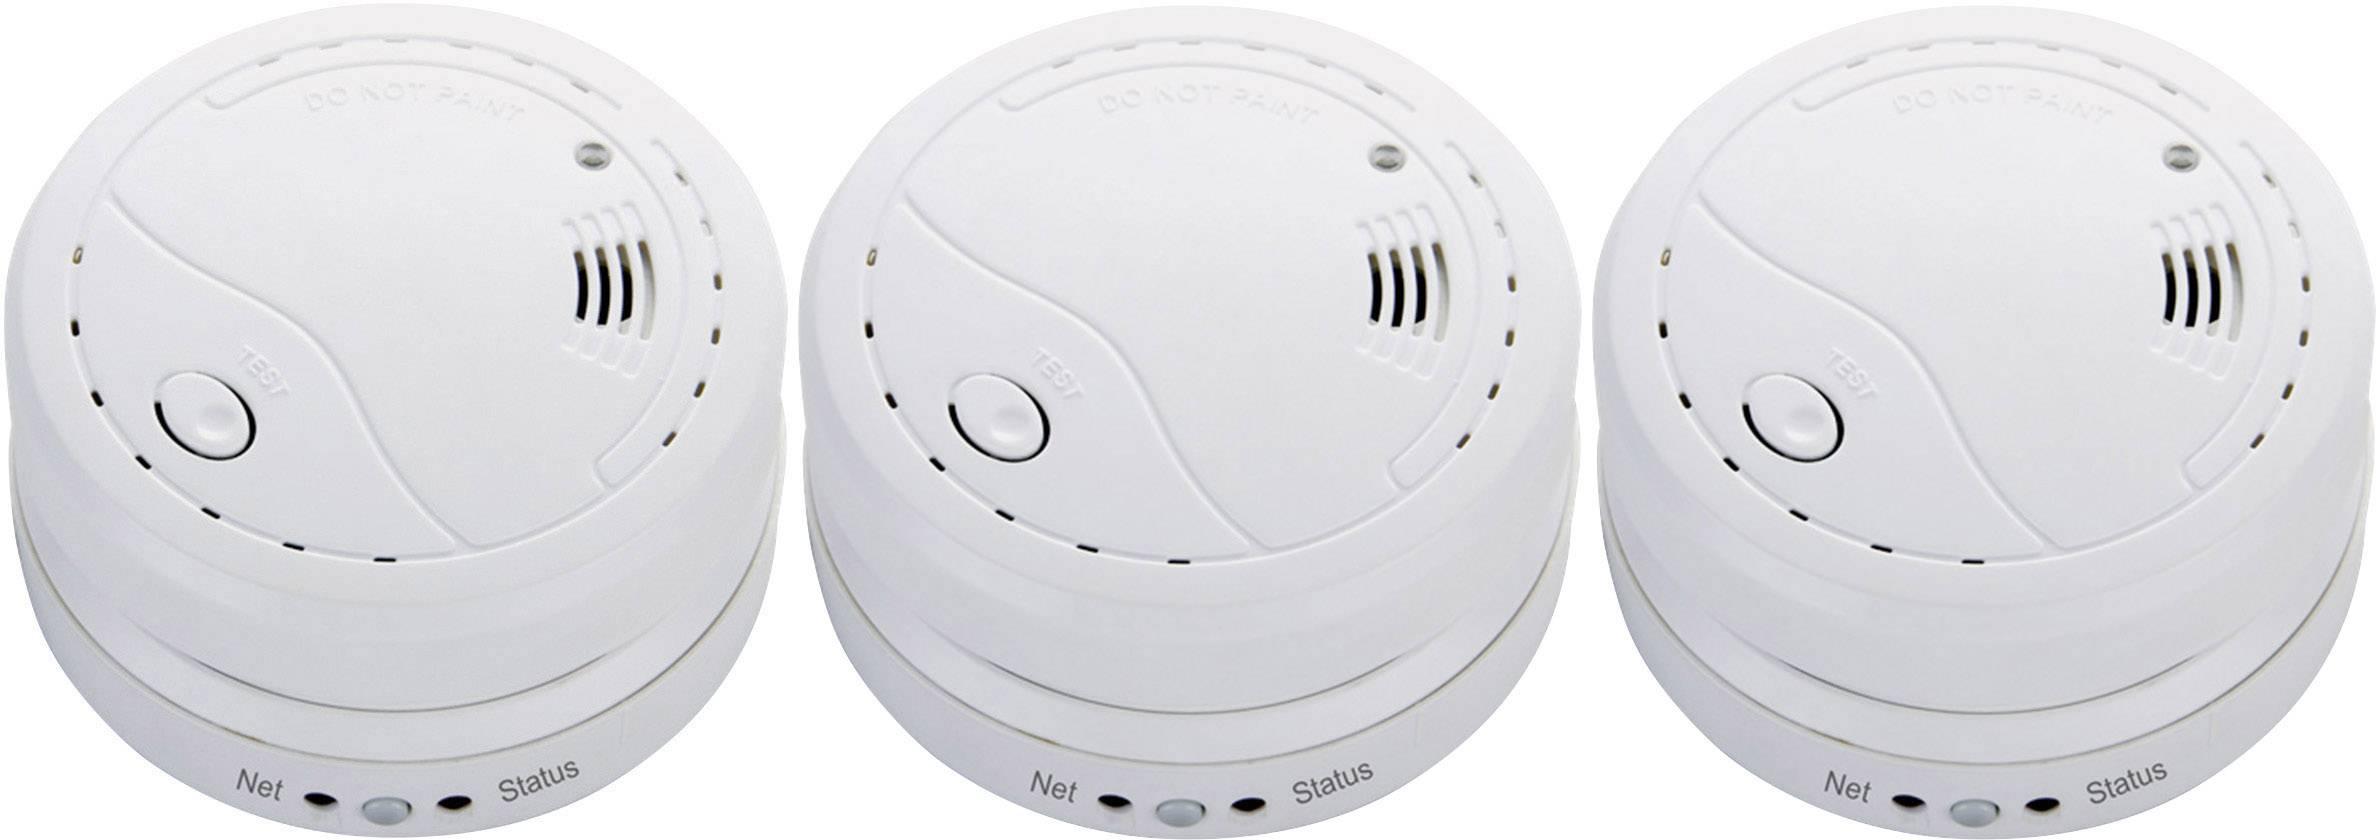 Bezdrôtový detektor dymu Cordes CC-70, možnosť zapojenia do siete,na batérie, sada 3 ks